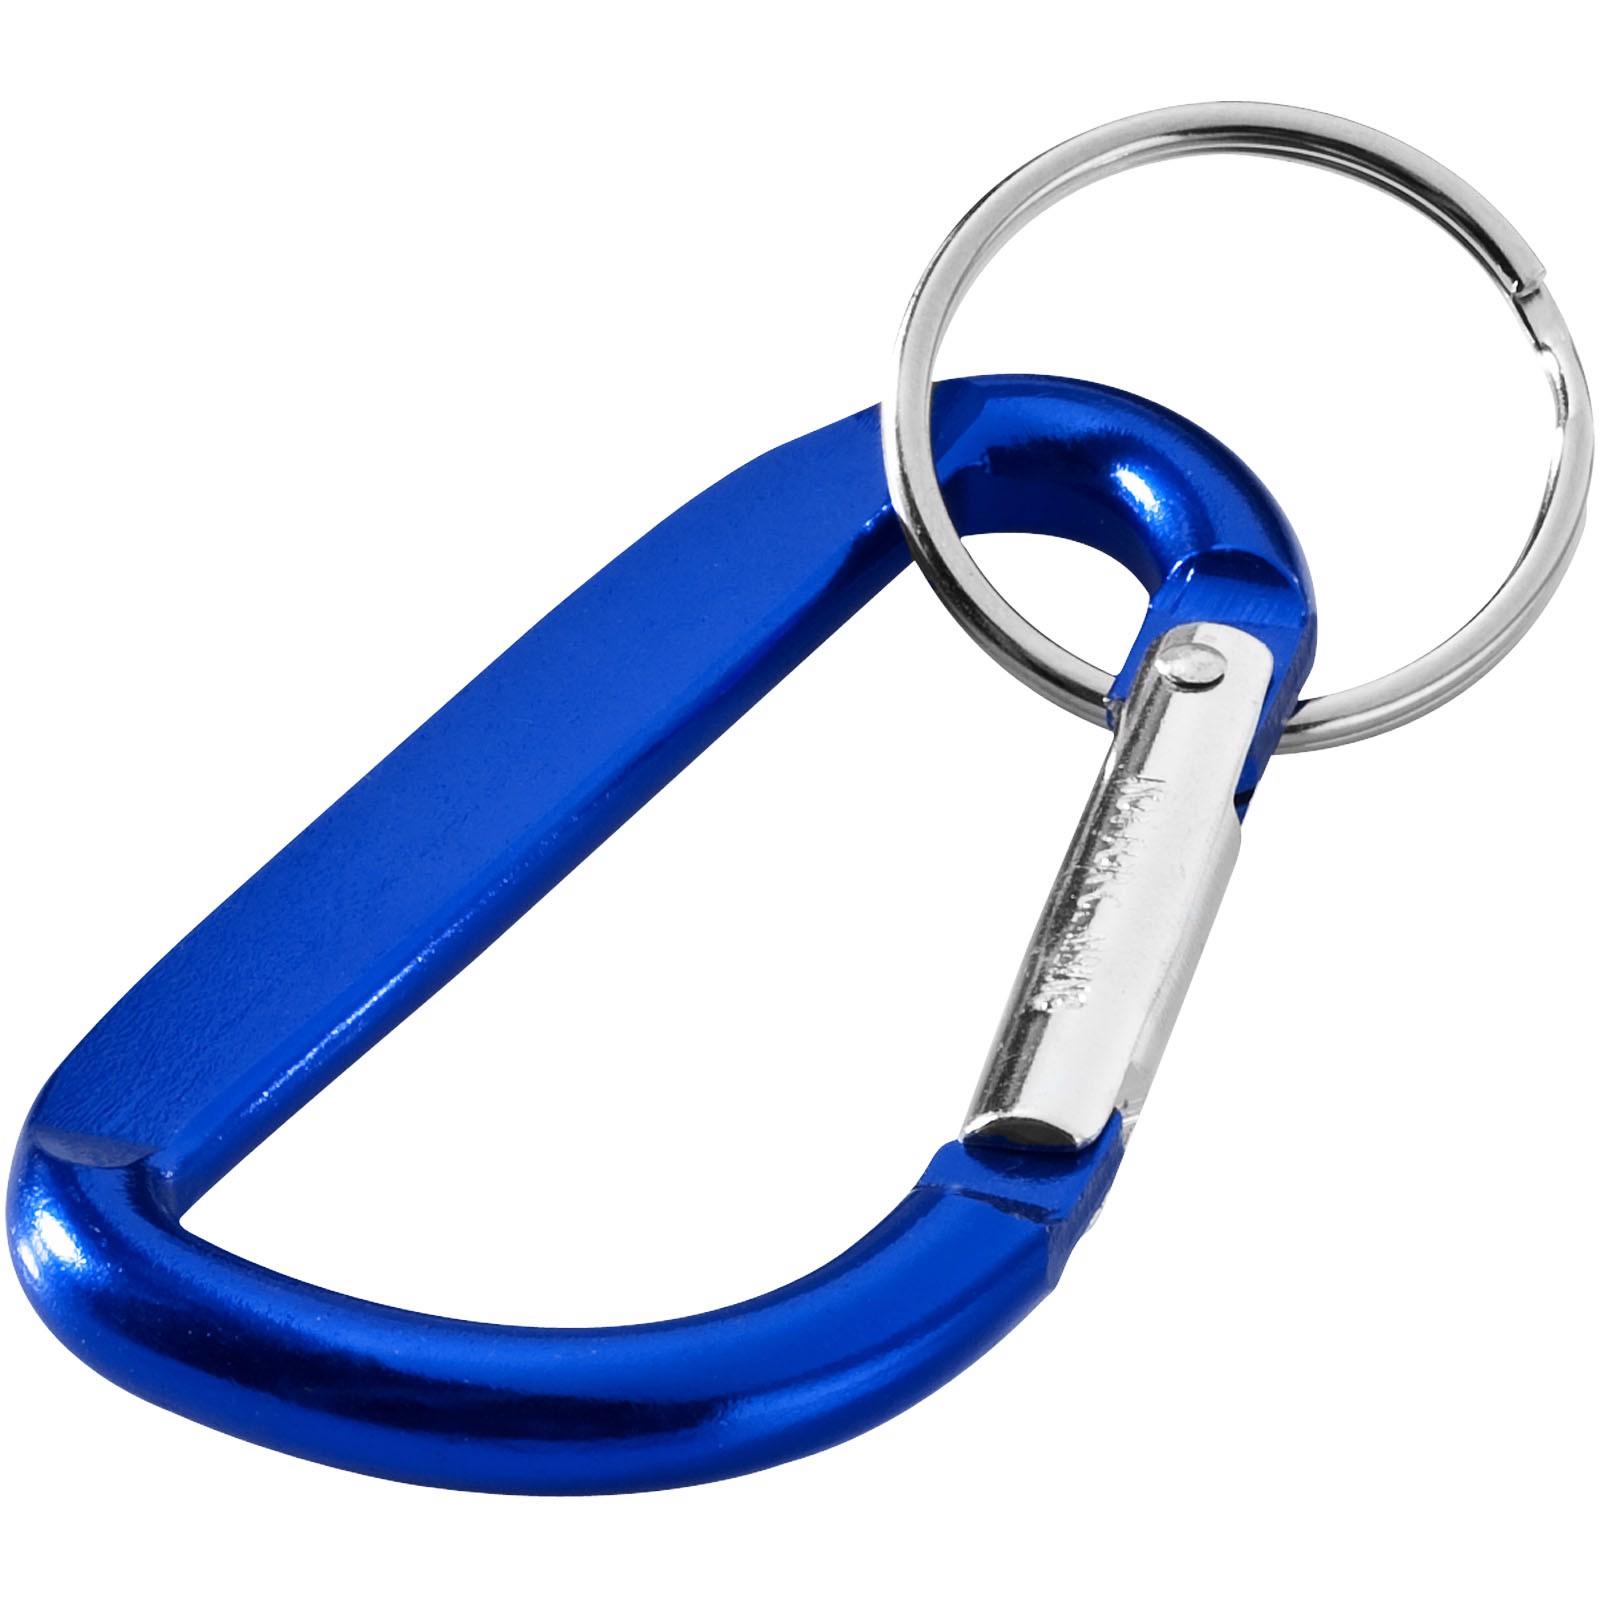 Karabinka na klíče Timor - Modrá